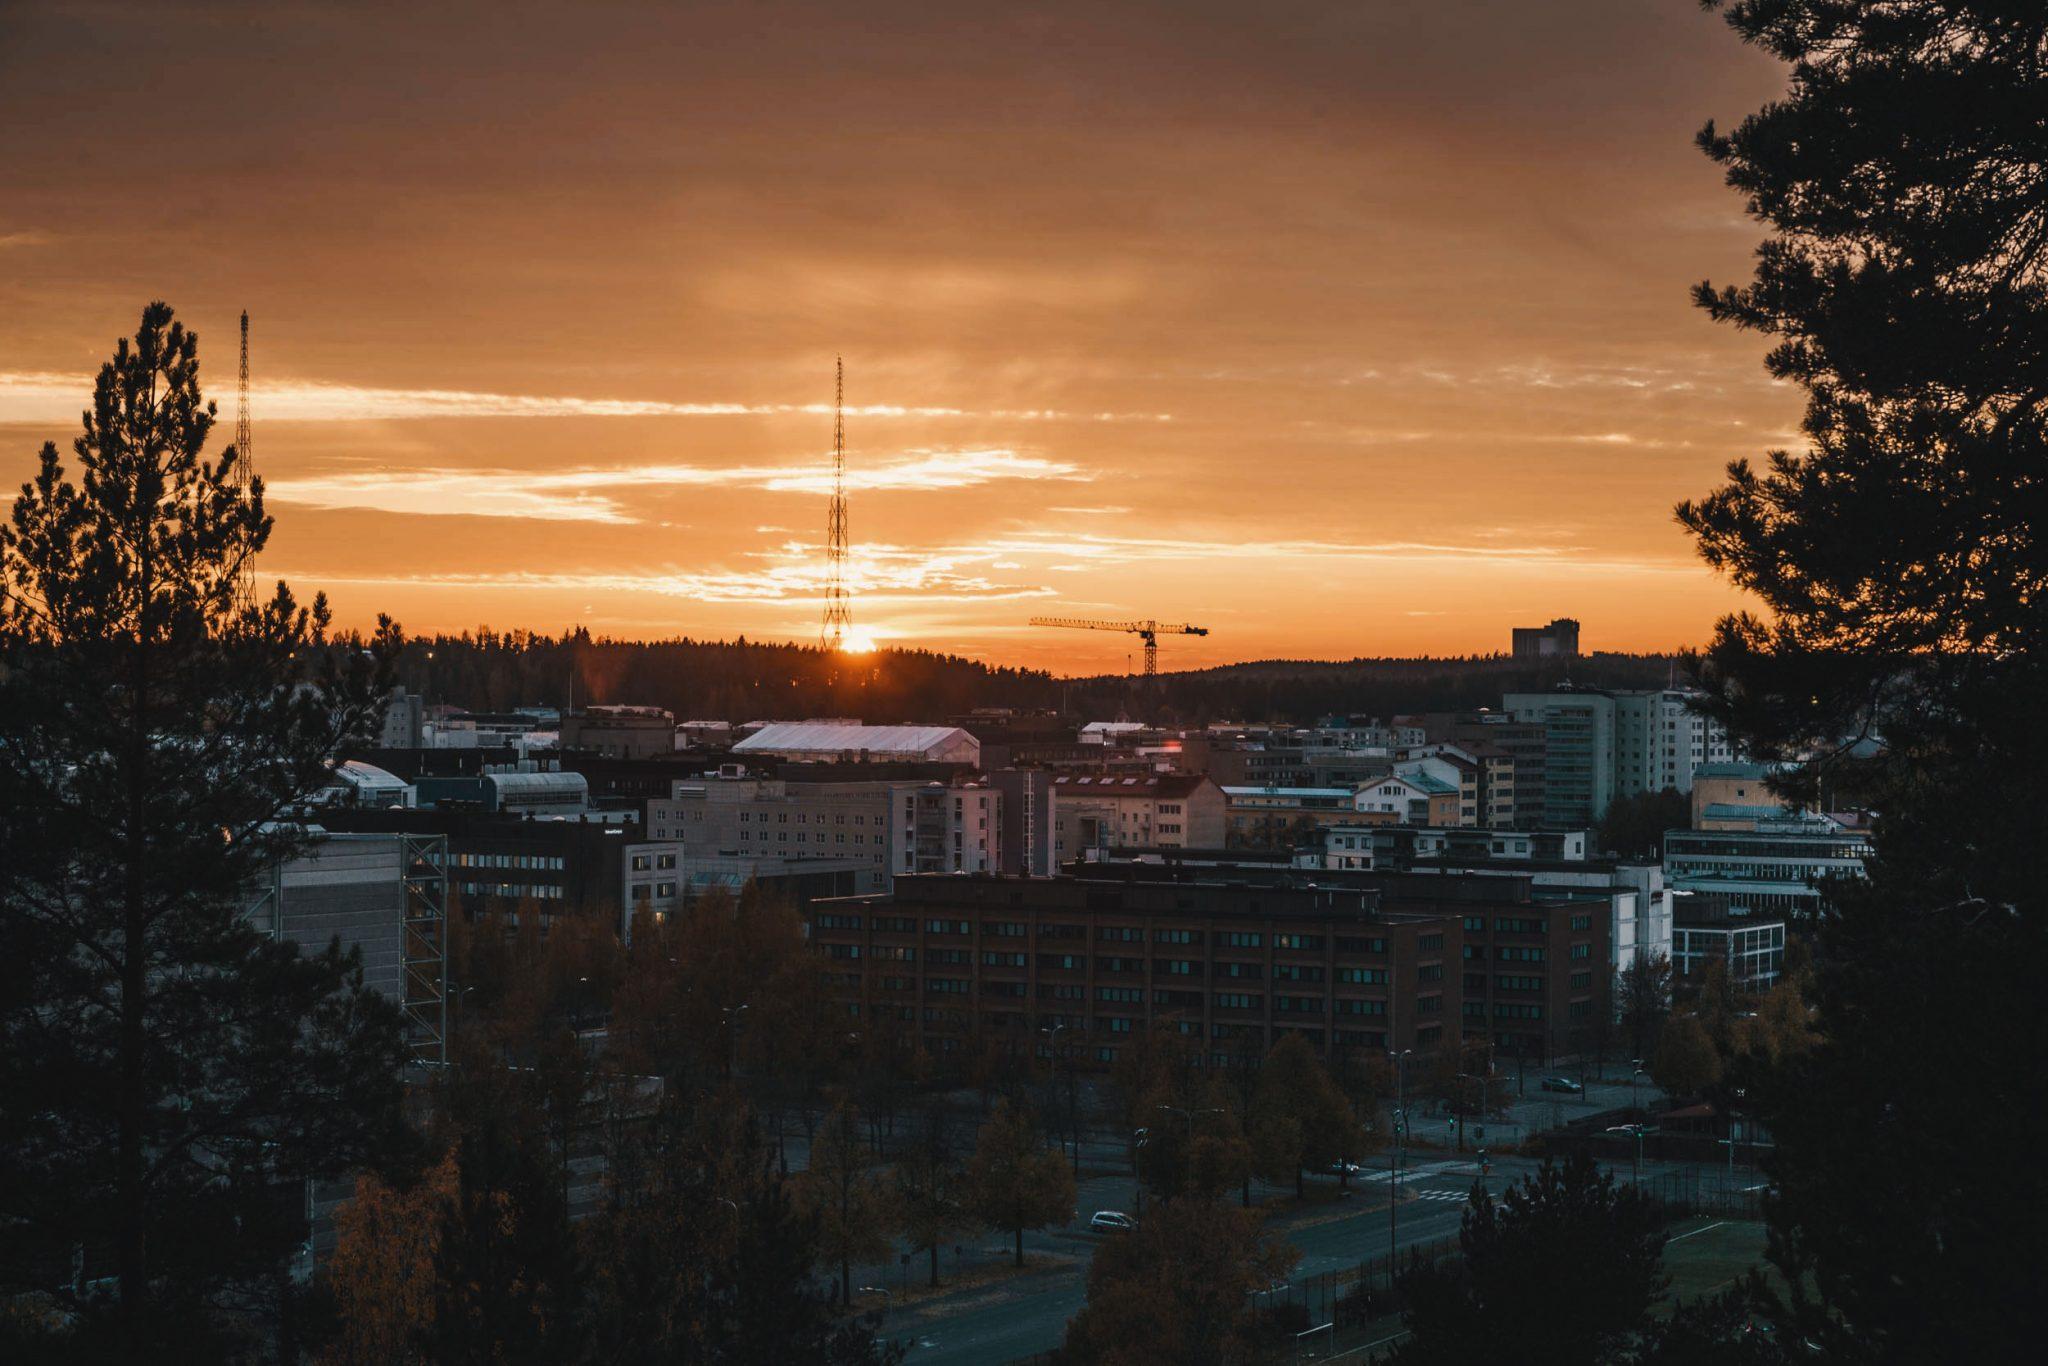 MANSER OY - Kiinteistöhuoltoa ja siivouspalveluja - Lahti & Hollola.